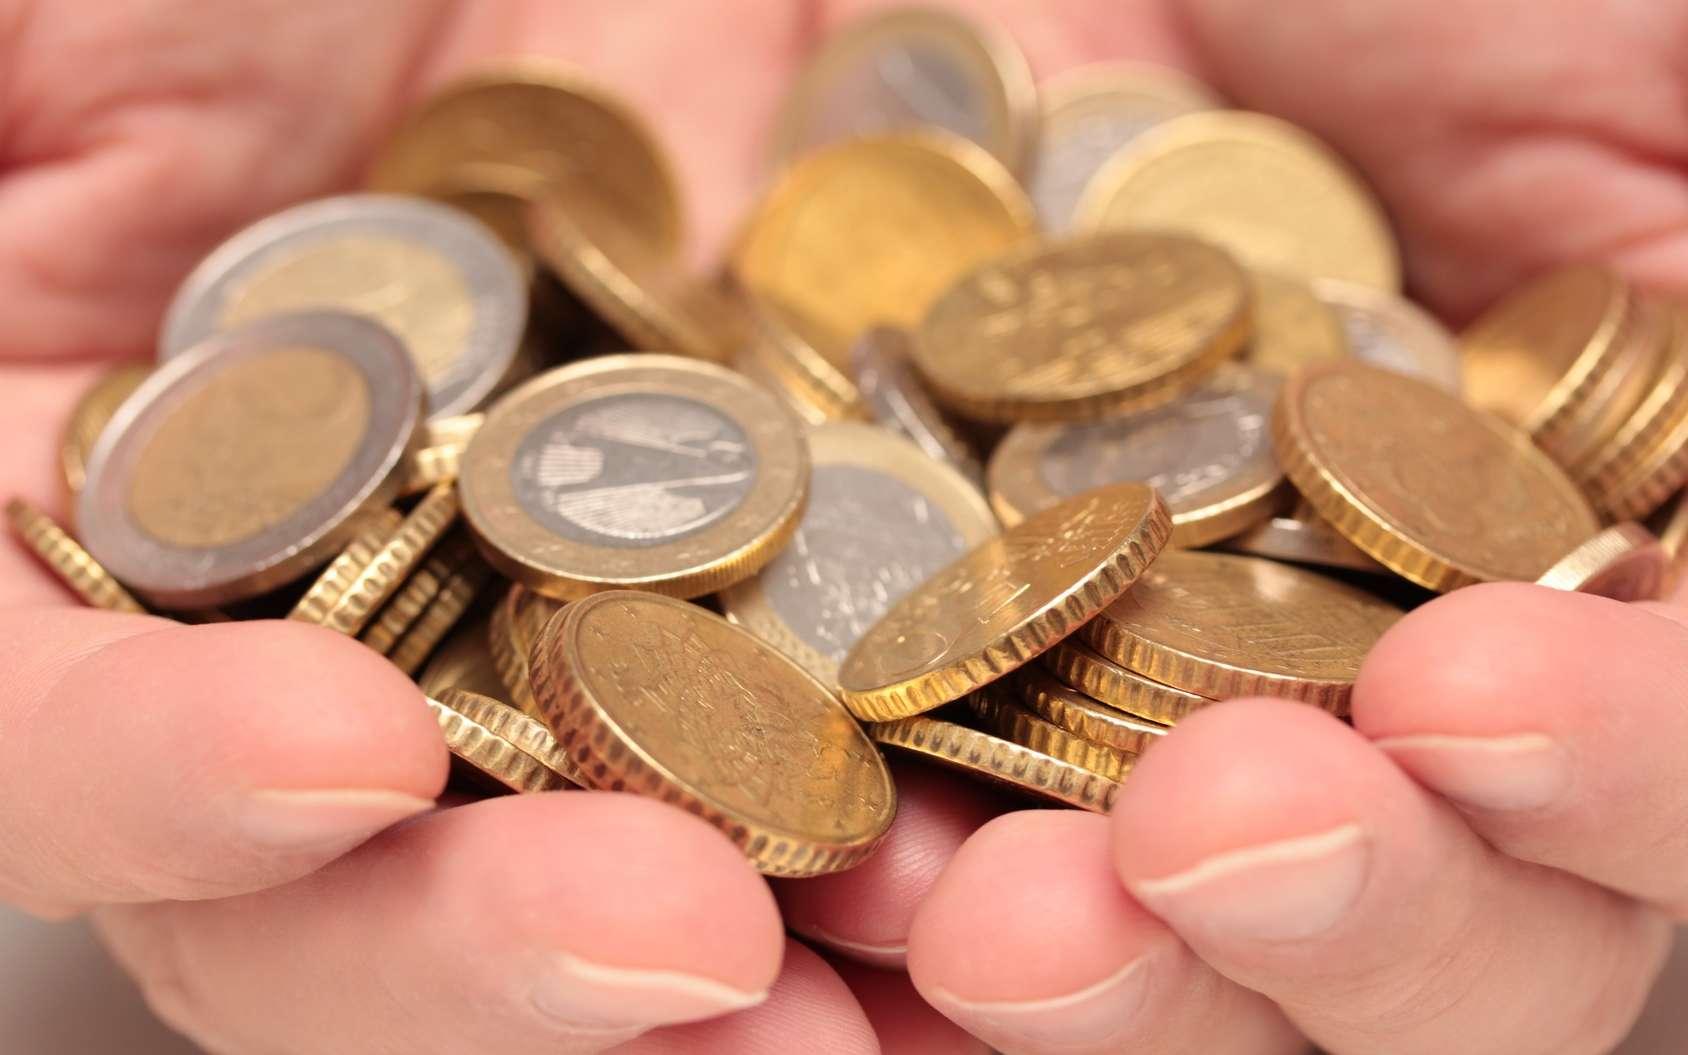 Bientôt la disparition de l'argent?